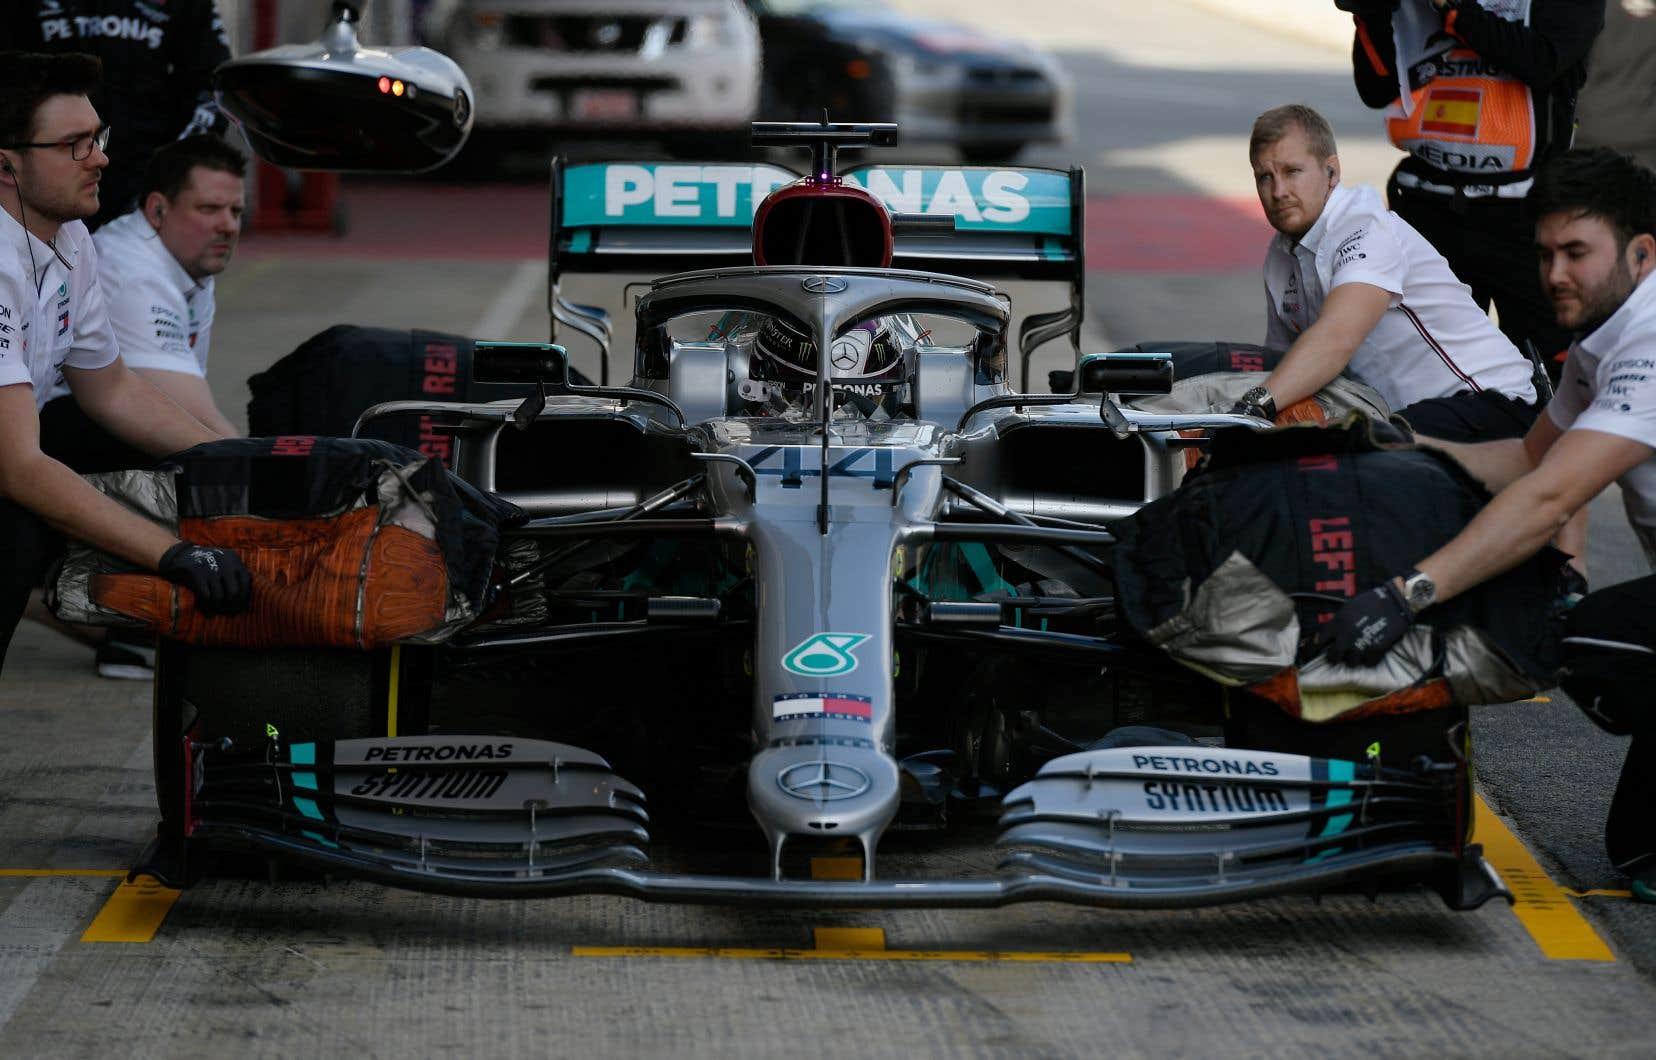 Avec un temps d'une minute et 16,976 secondes, Hamilton s'est révélé le pilote le plus rapide.